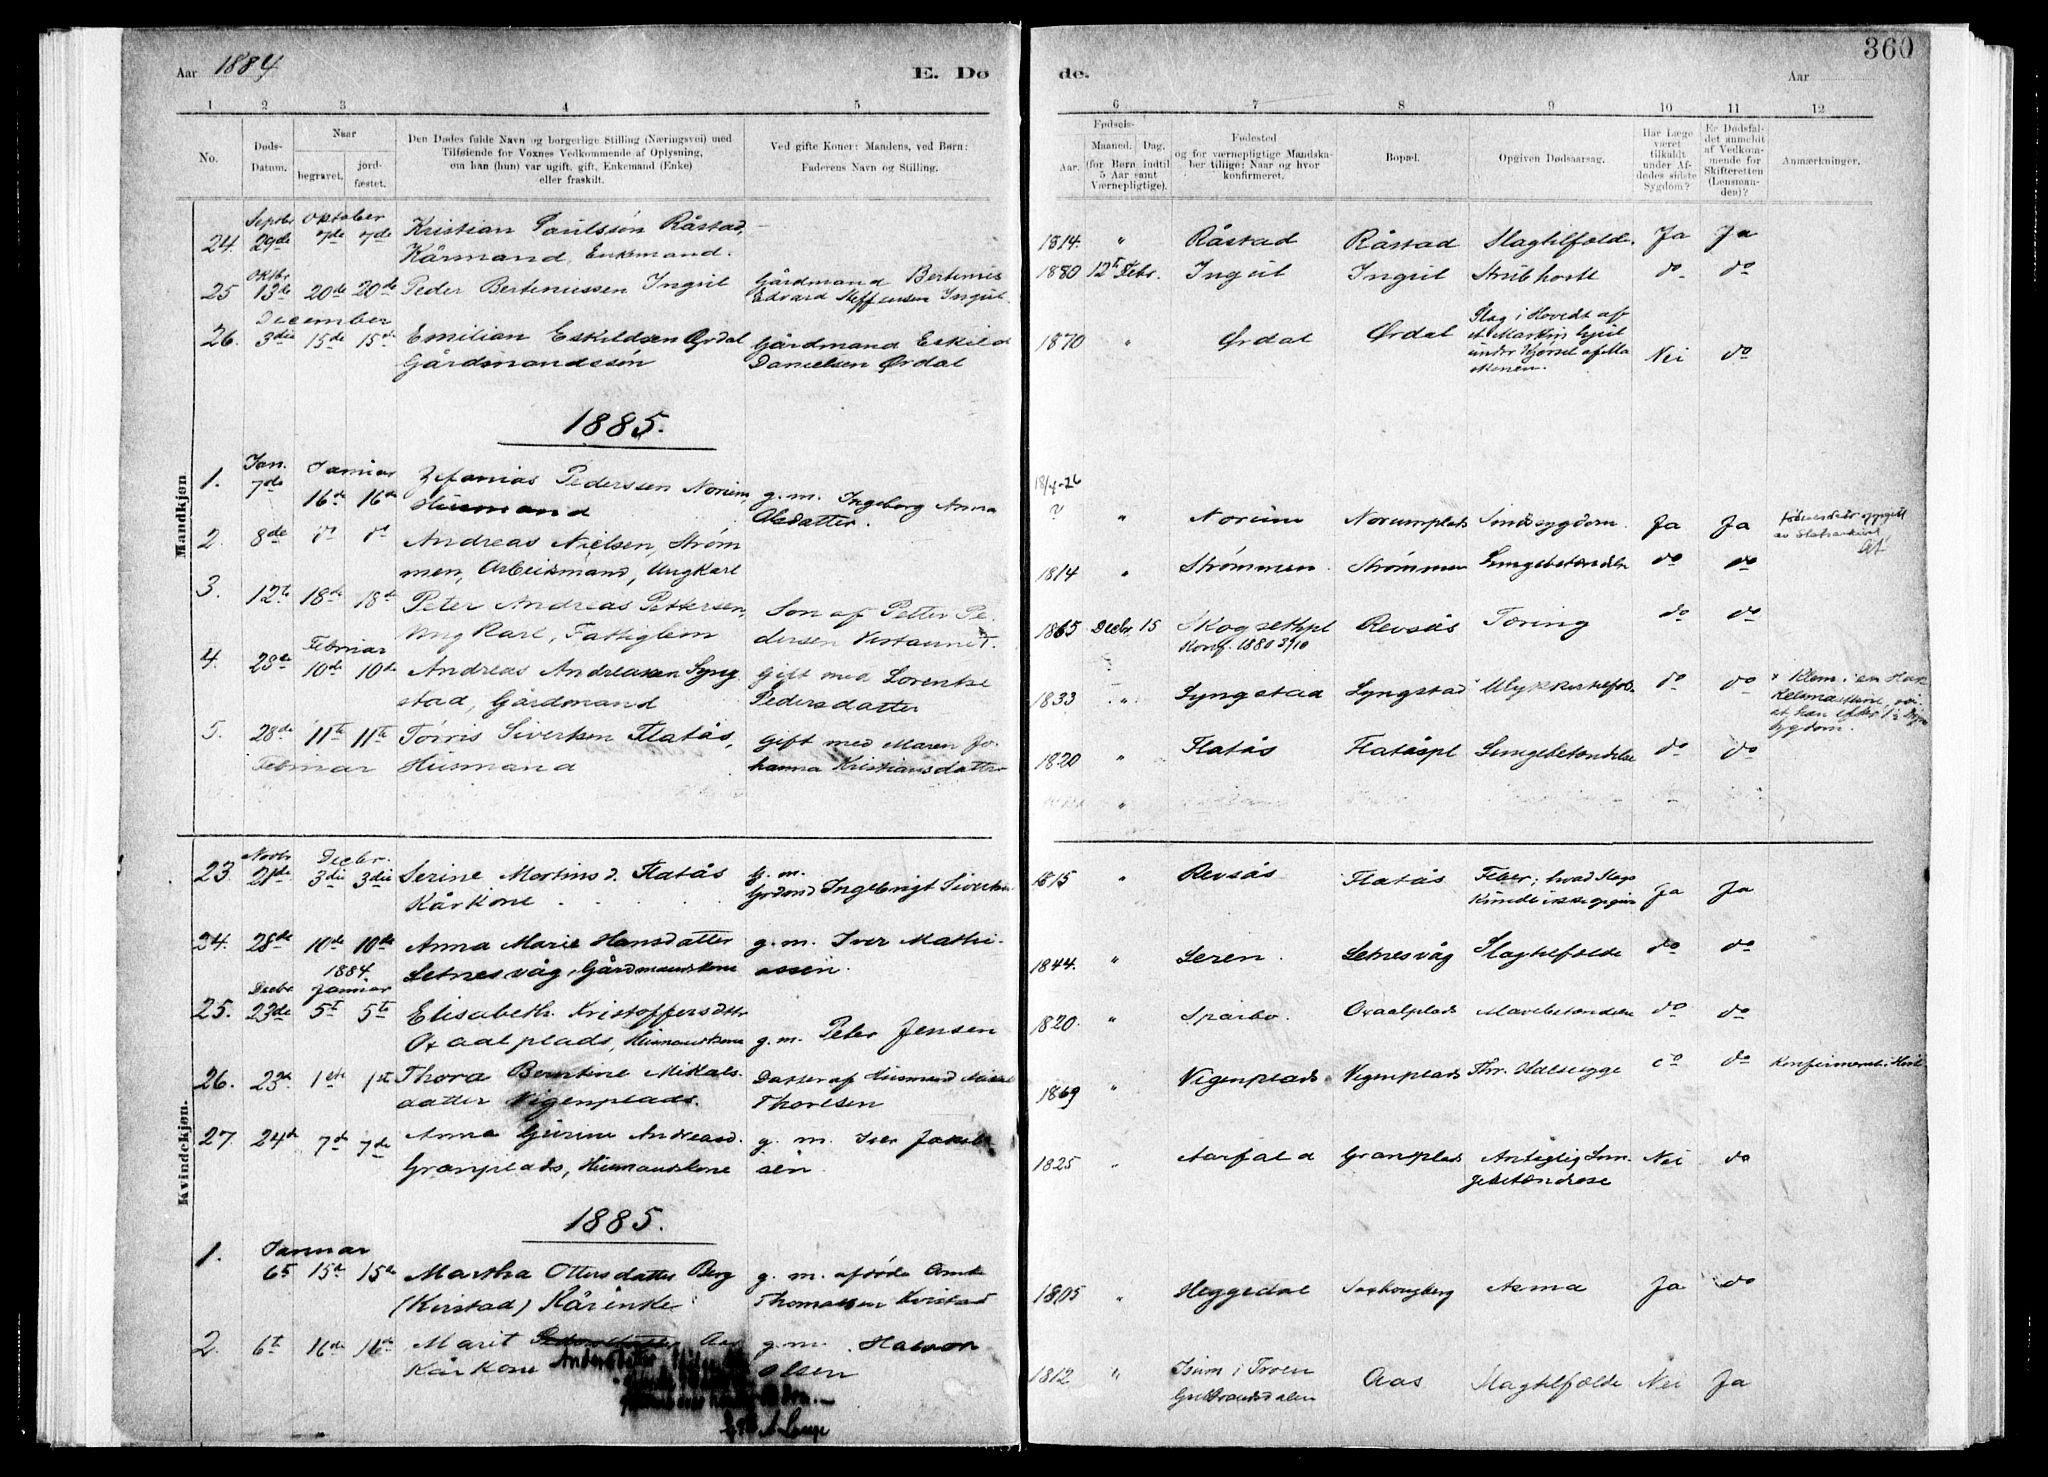 SAT, Ministerialprotokoller, klokkerbøker og fødselsregistre - Nord-Trøndelag, 730/L0285: Ministerialbok nr. 730A10, 1879-1914, s. 360